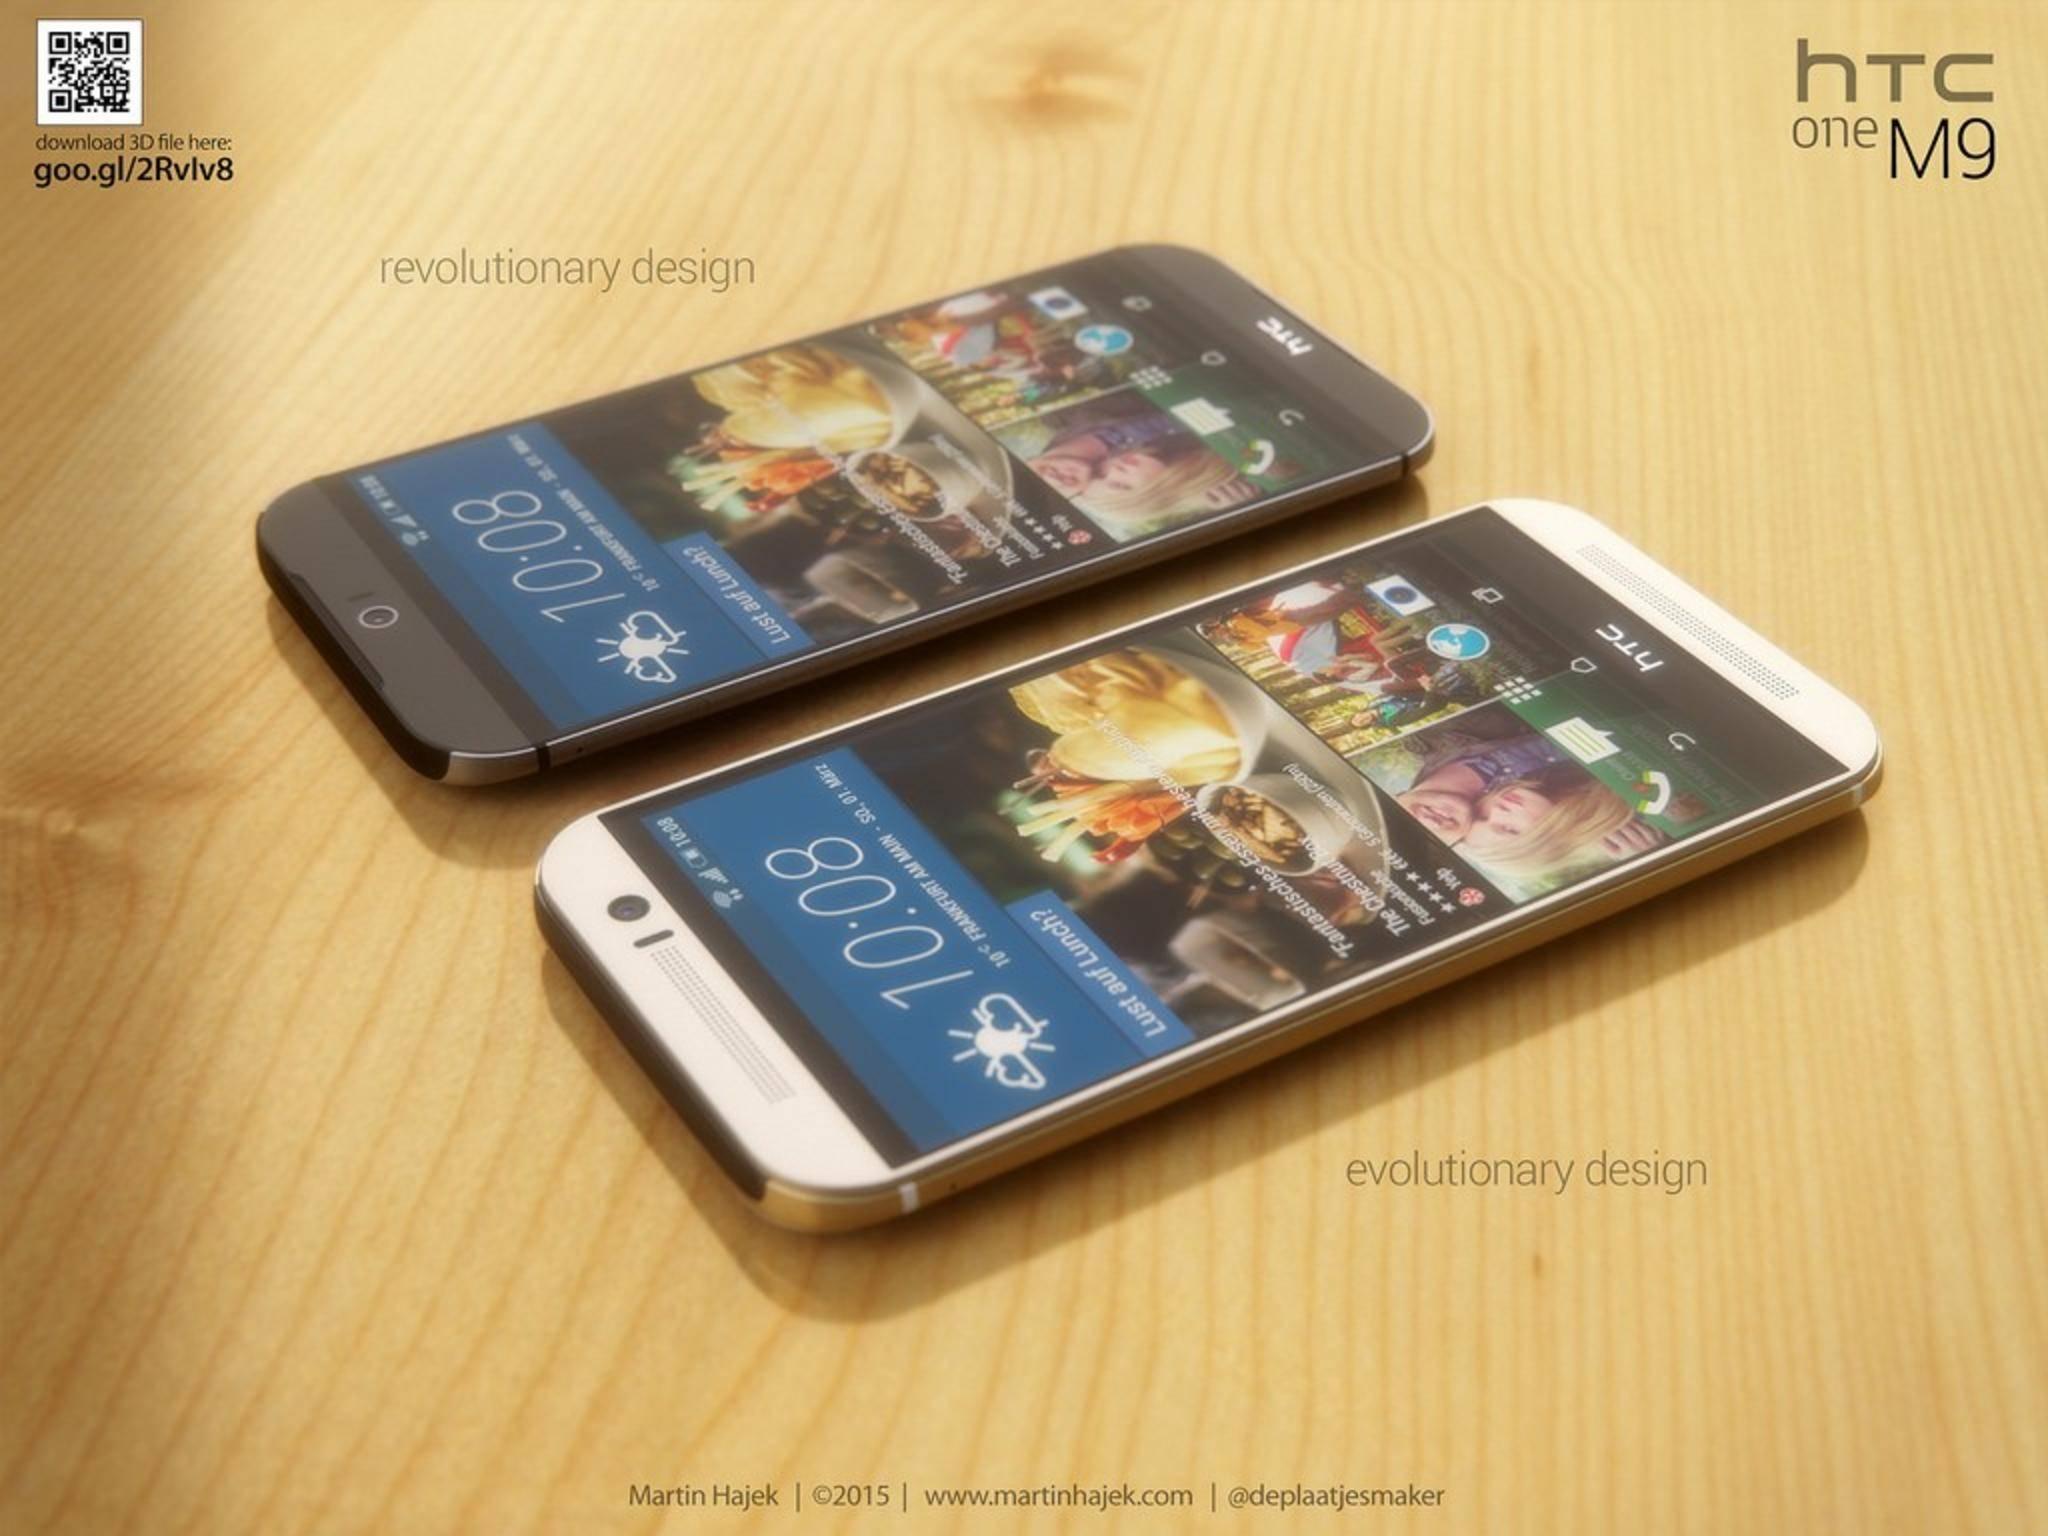 Ganz so, wie Designer Martin Hajek sich das HTC One M9 vorstellte, wird es wohl nicht.